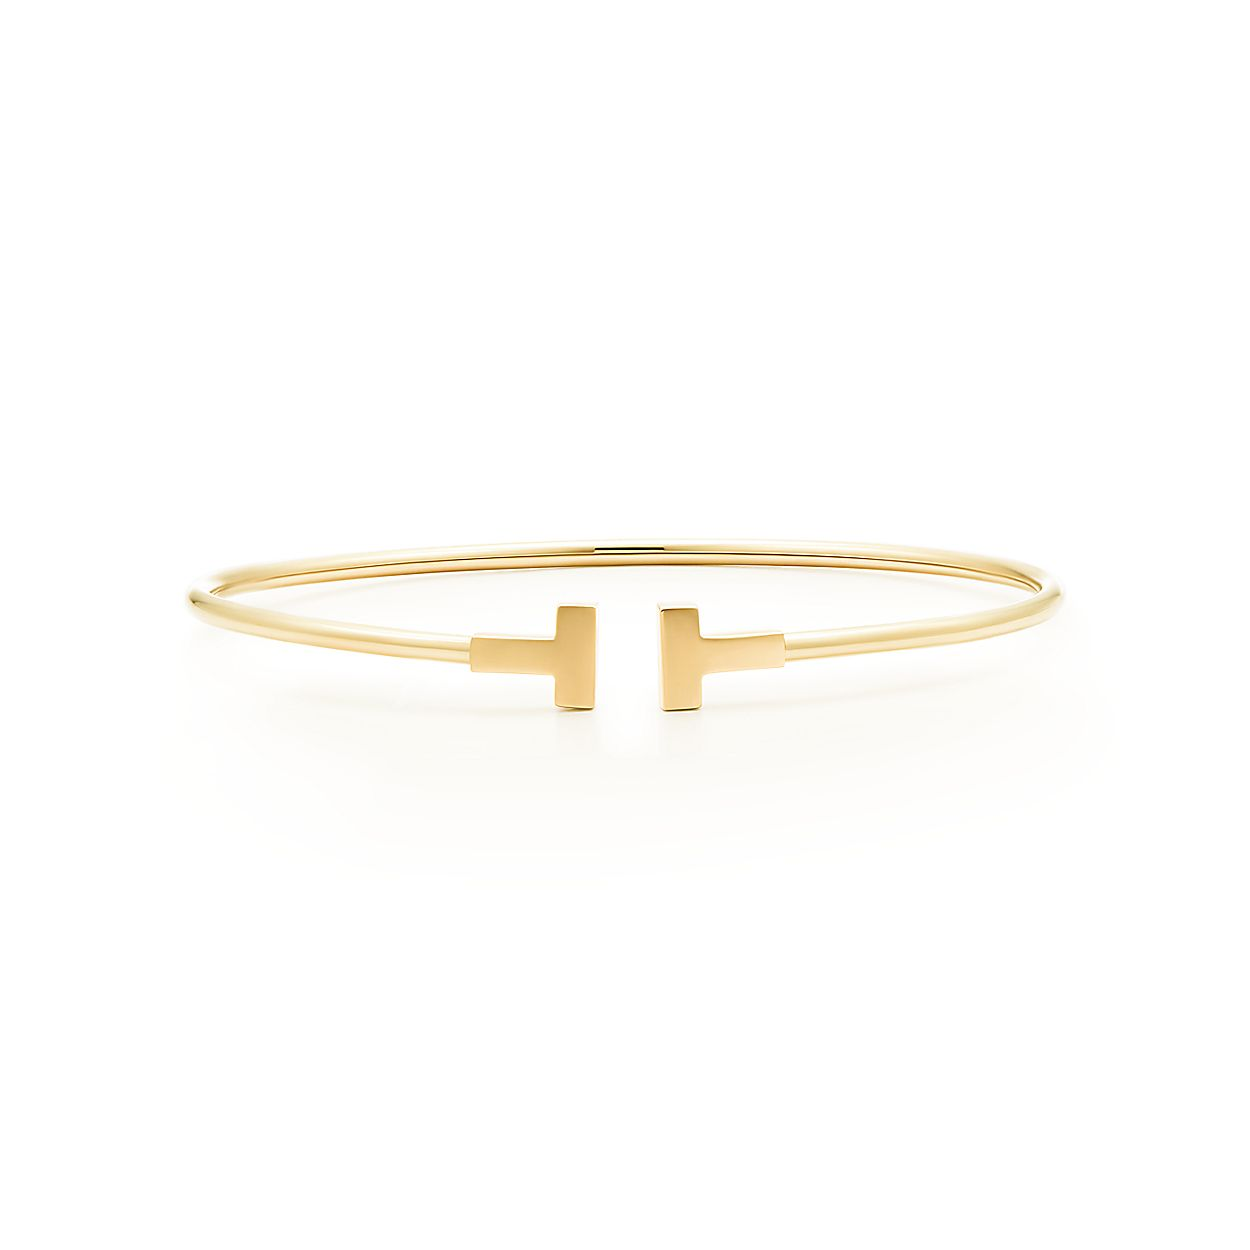 9e5cf9cef19f Tiffany T narrow wire bracelet in 18k gold